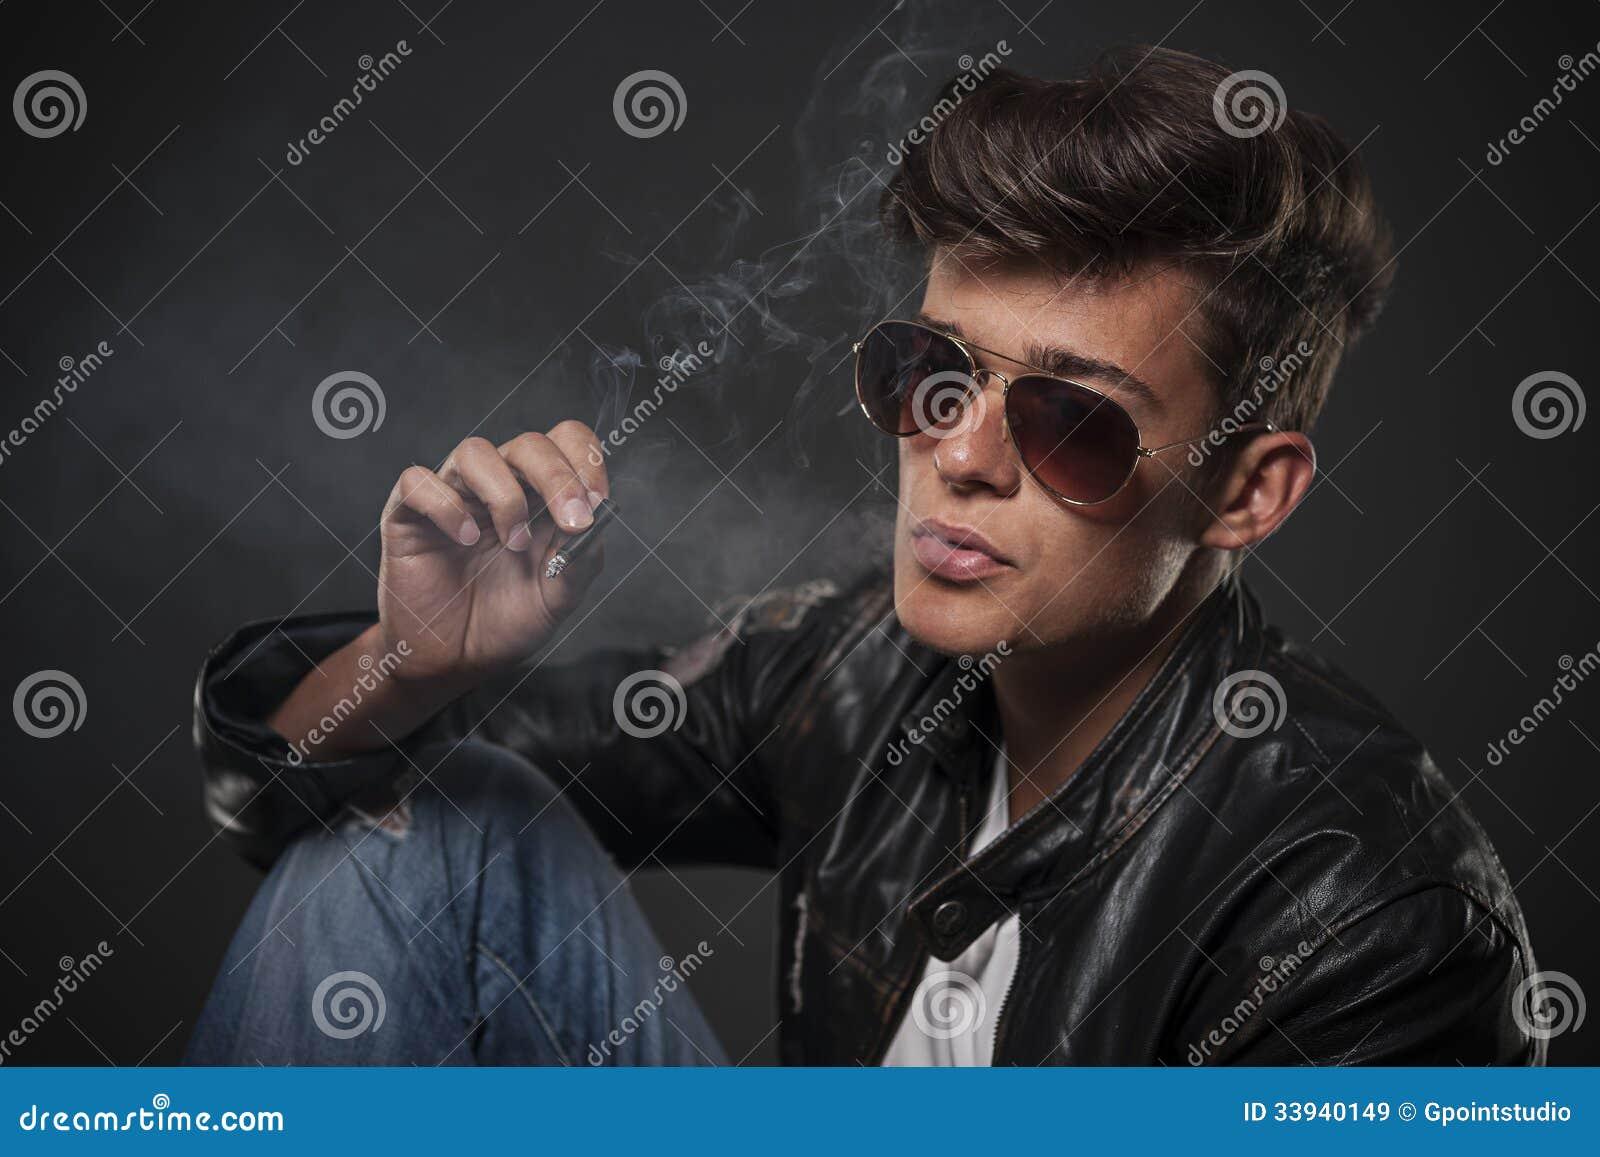 Resultado de imagem para bad boy leather jacket sunglasses